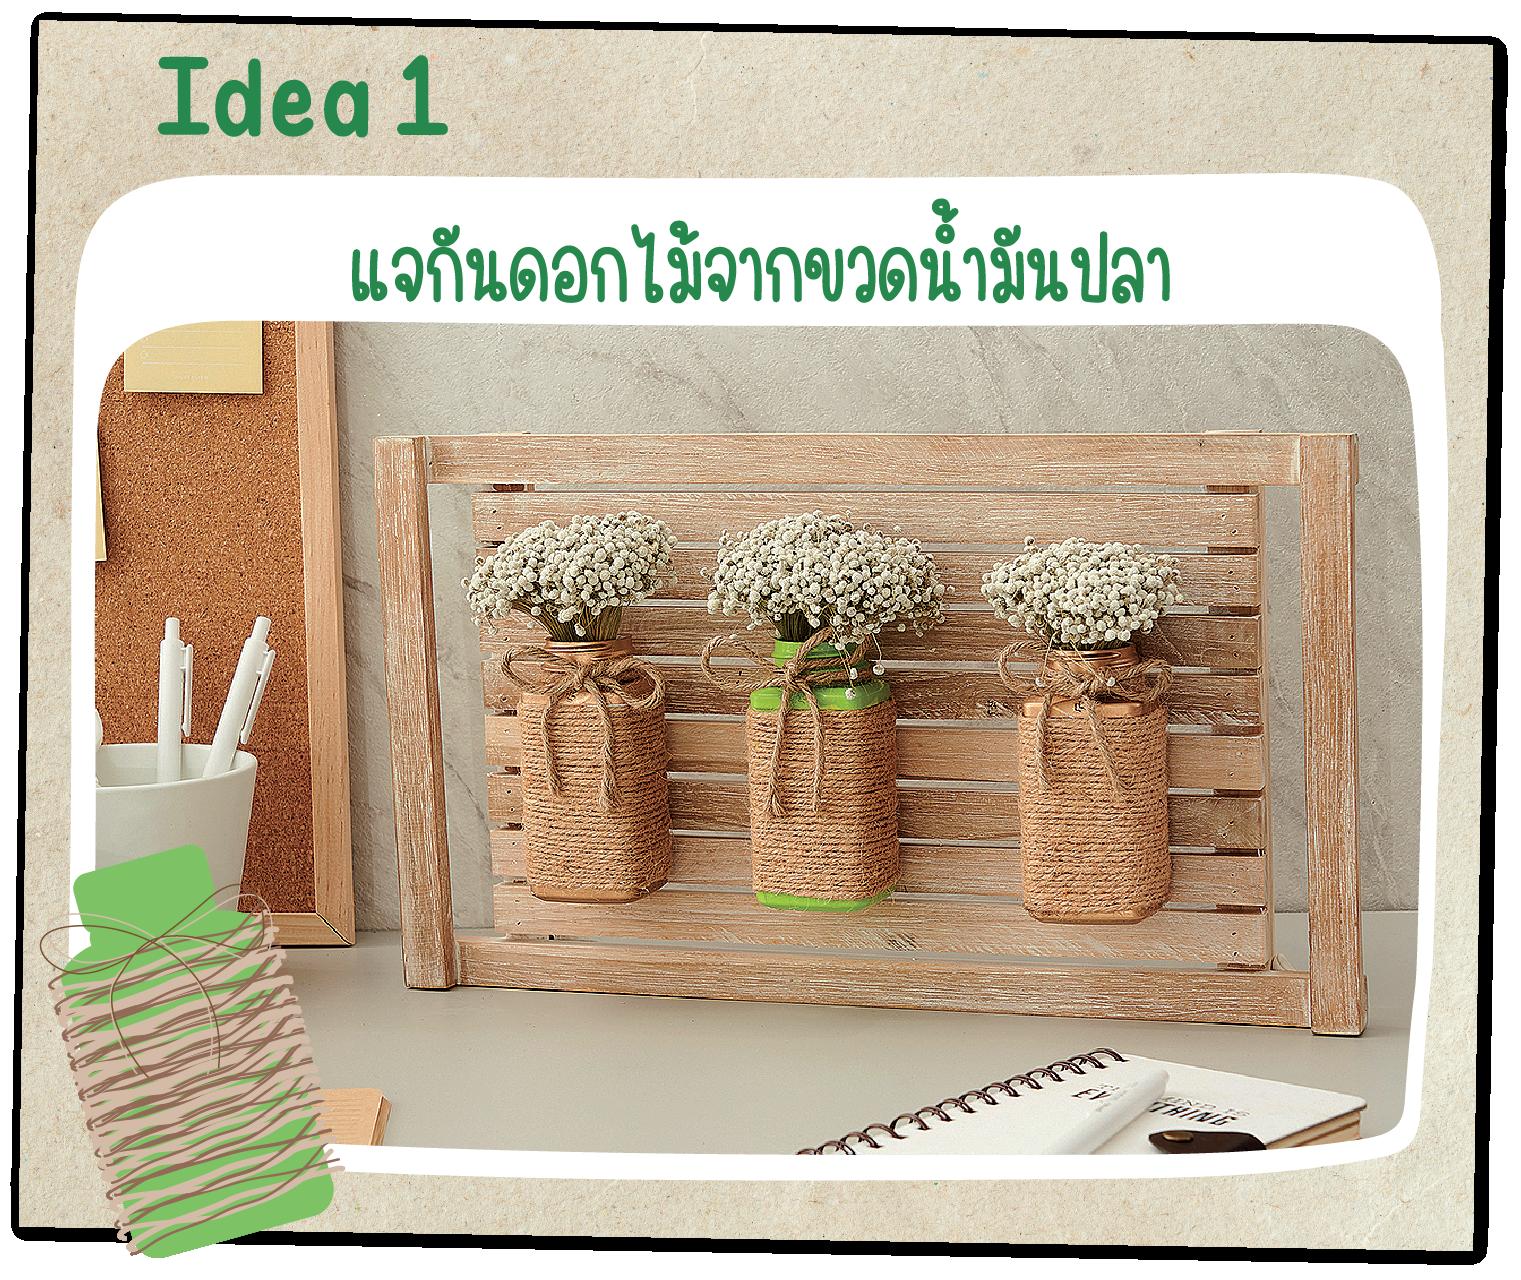 csr_may_2021_idea1.png